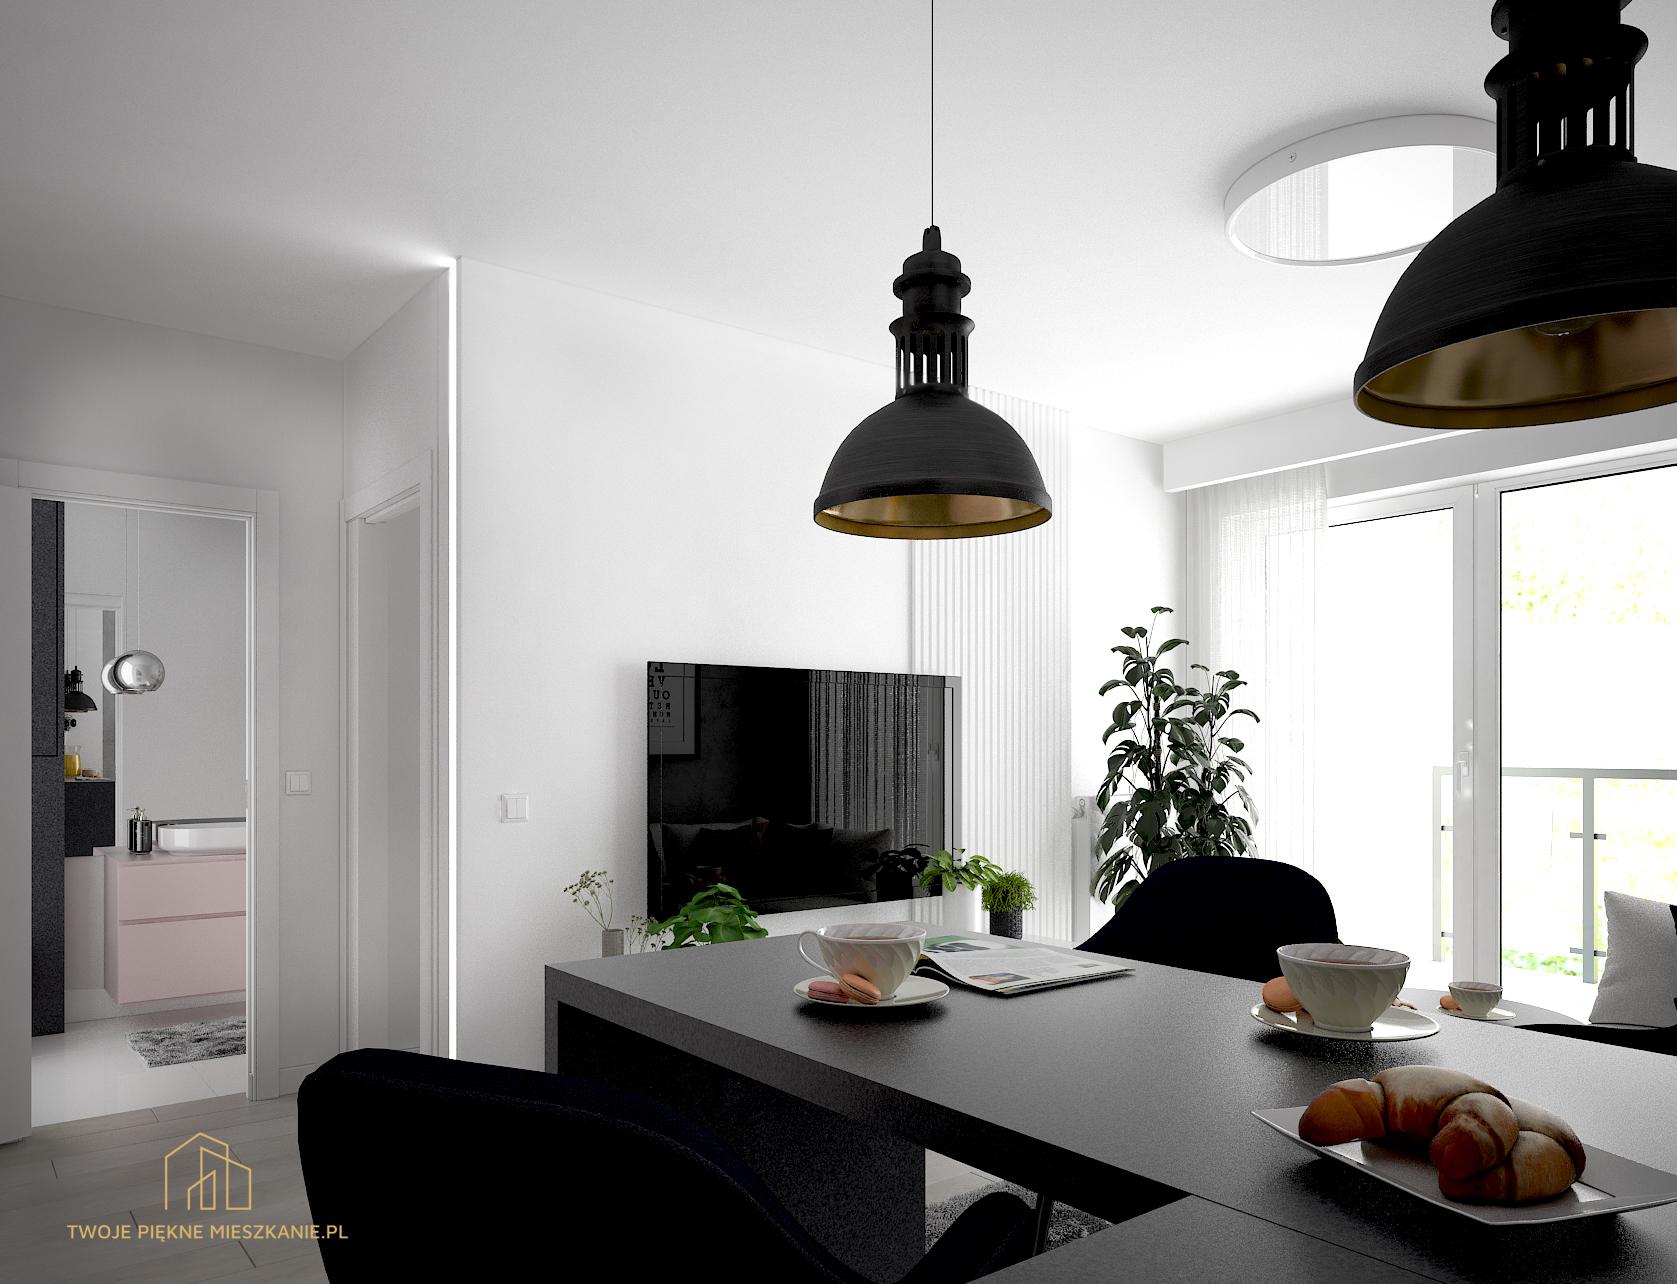 twoje piekne mieszkanie wykończenie mieszkań kompleksowo